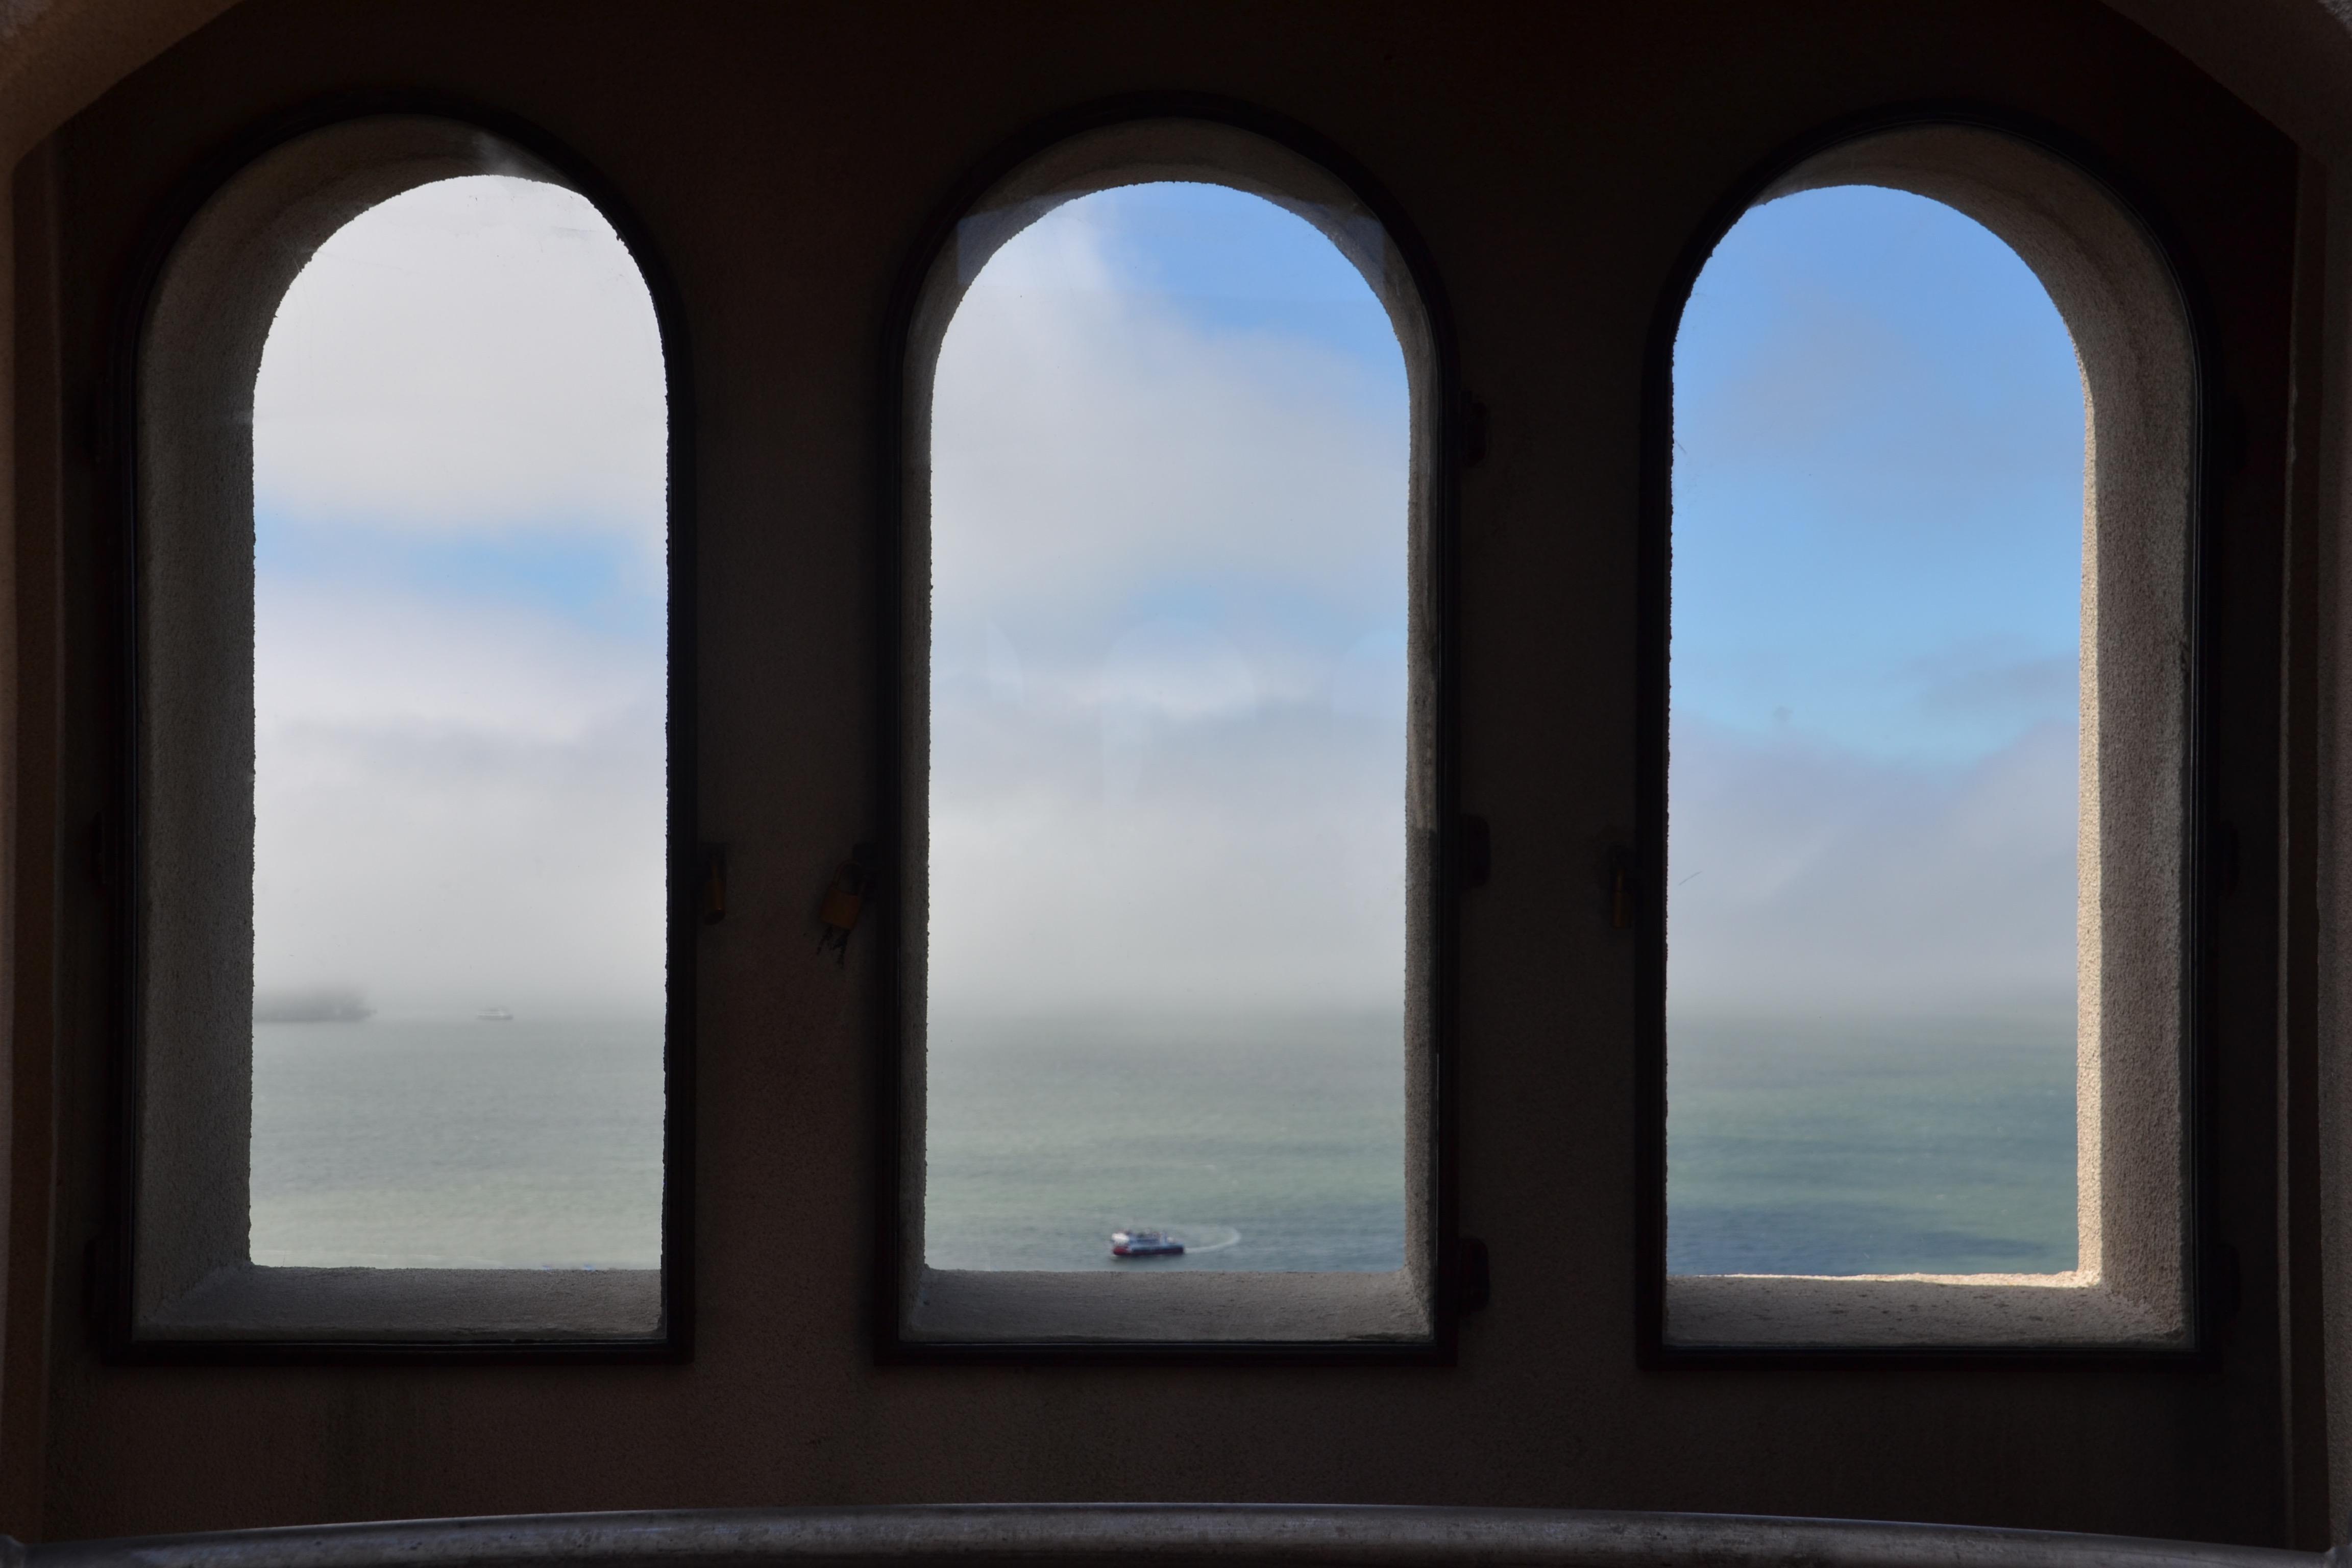 24 Windows